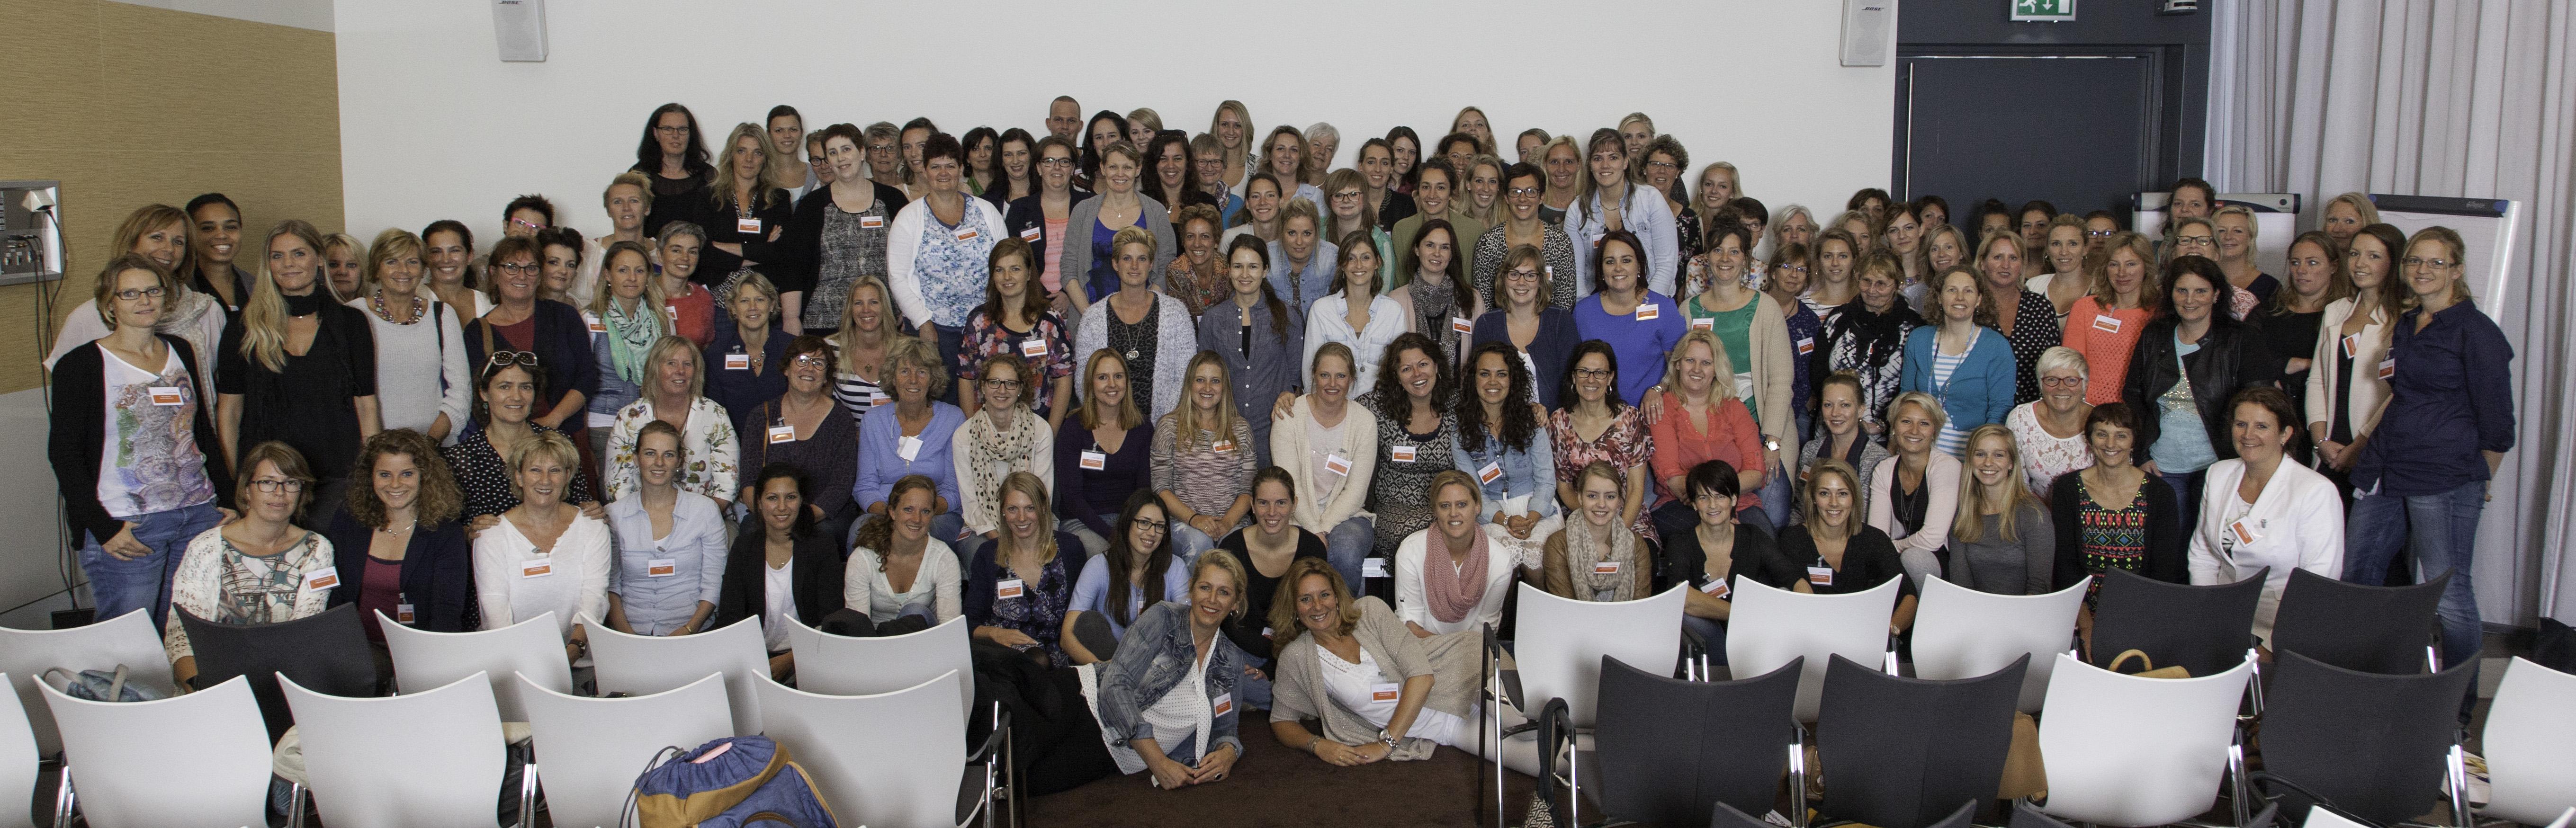 Landelijke pedagogische bijeenkomst 2015